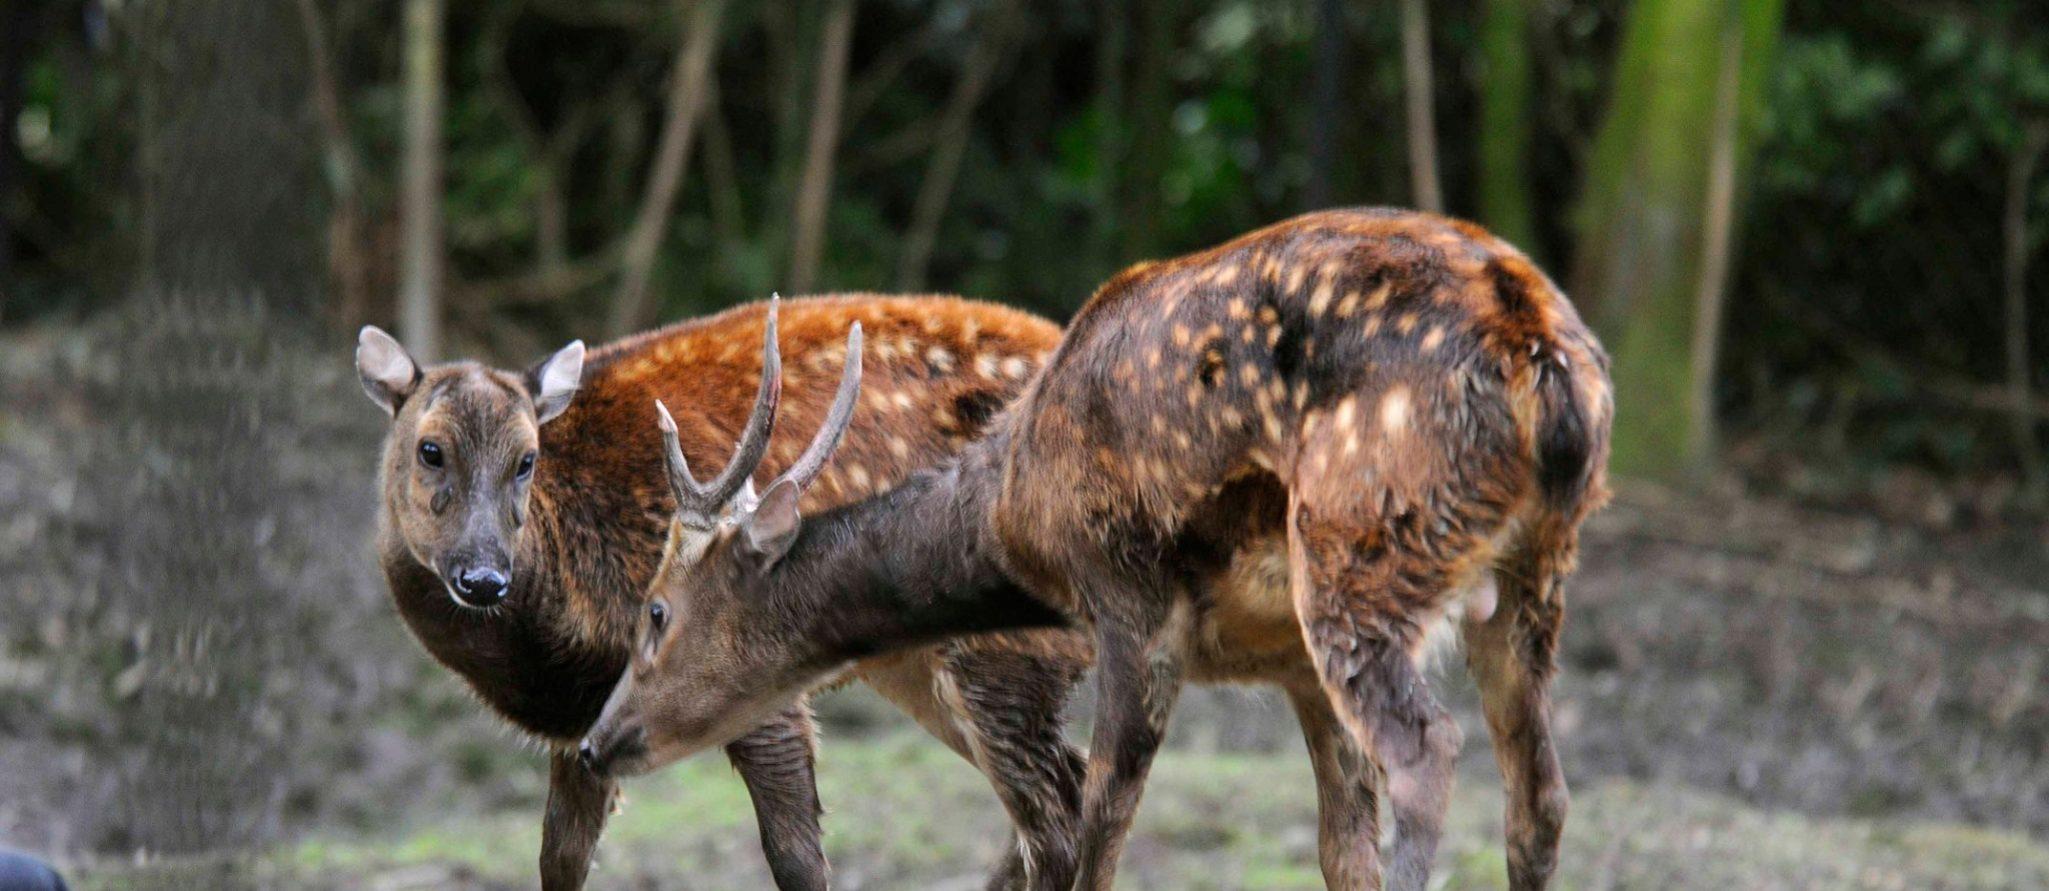 prins alfred herten man en vrouw bij elkaar